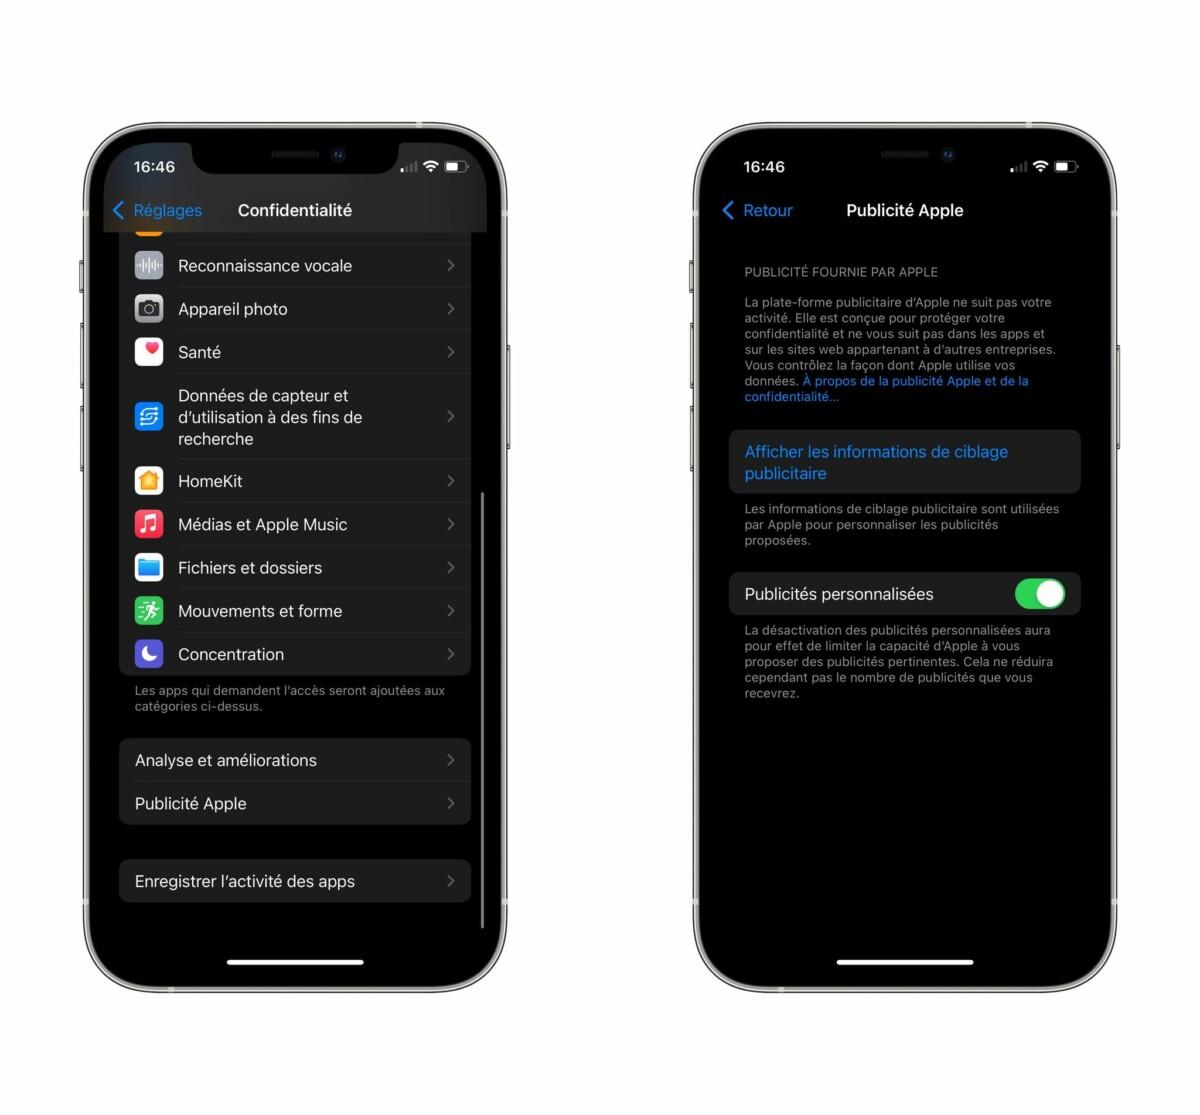 Pas le choix, Apple demande enfin notre consentement pour diffuser ses publicités personnalisées